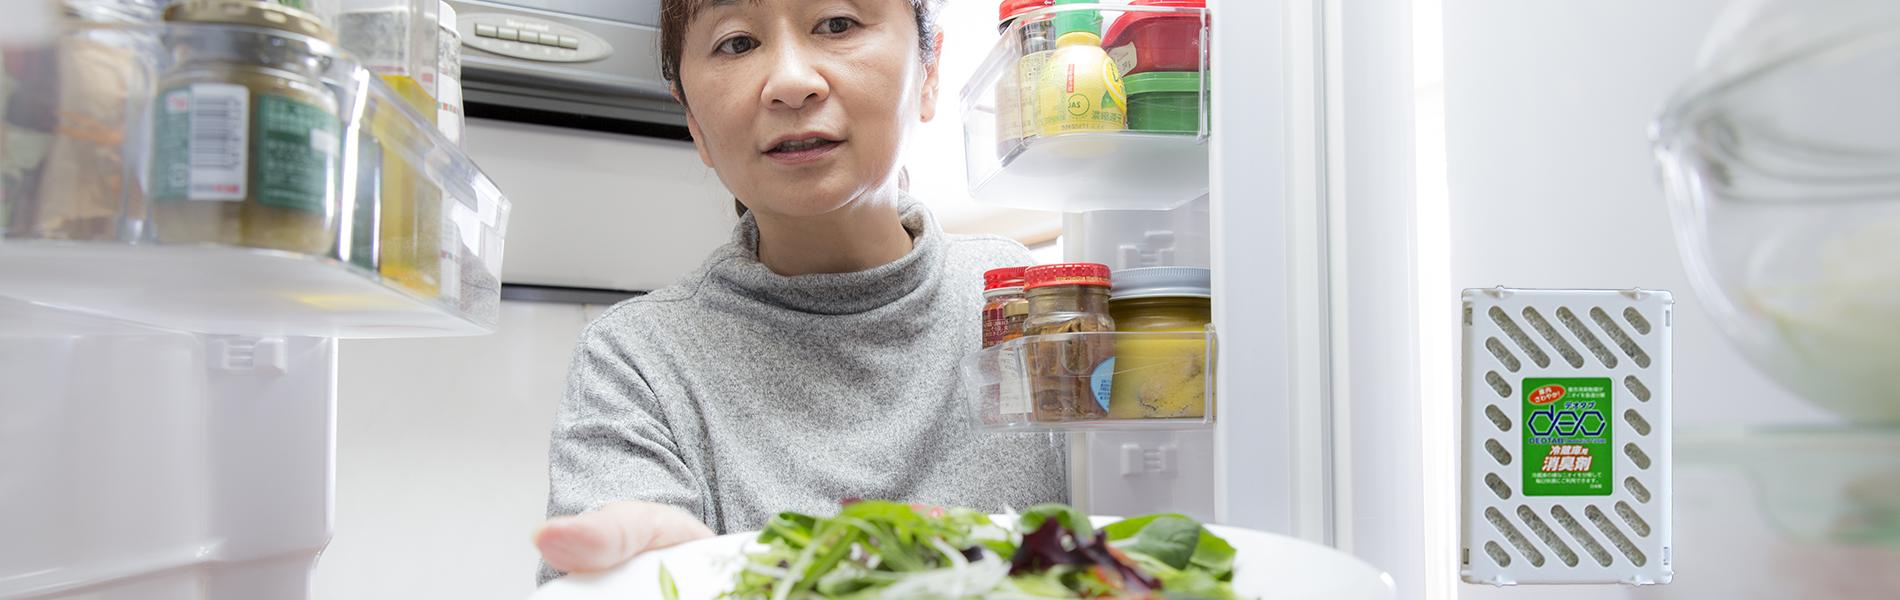 ムサシ化成,DEOTAB,デオタブ,冷蔵庫用消臭剤